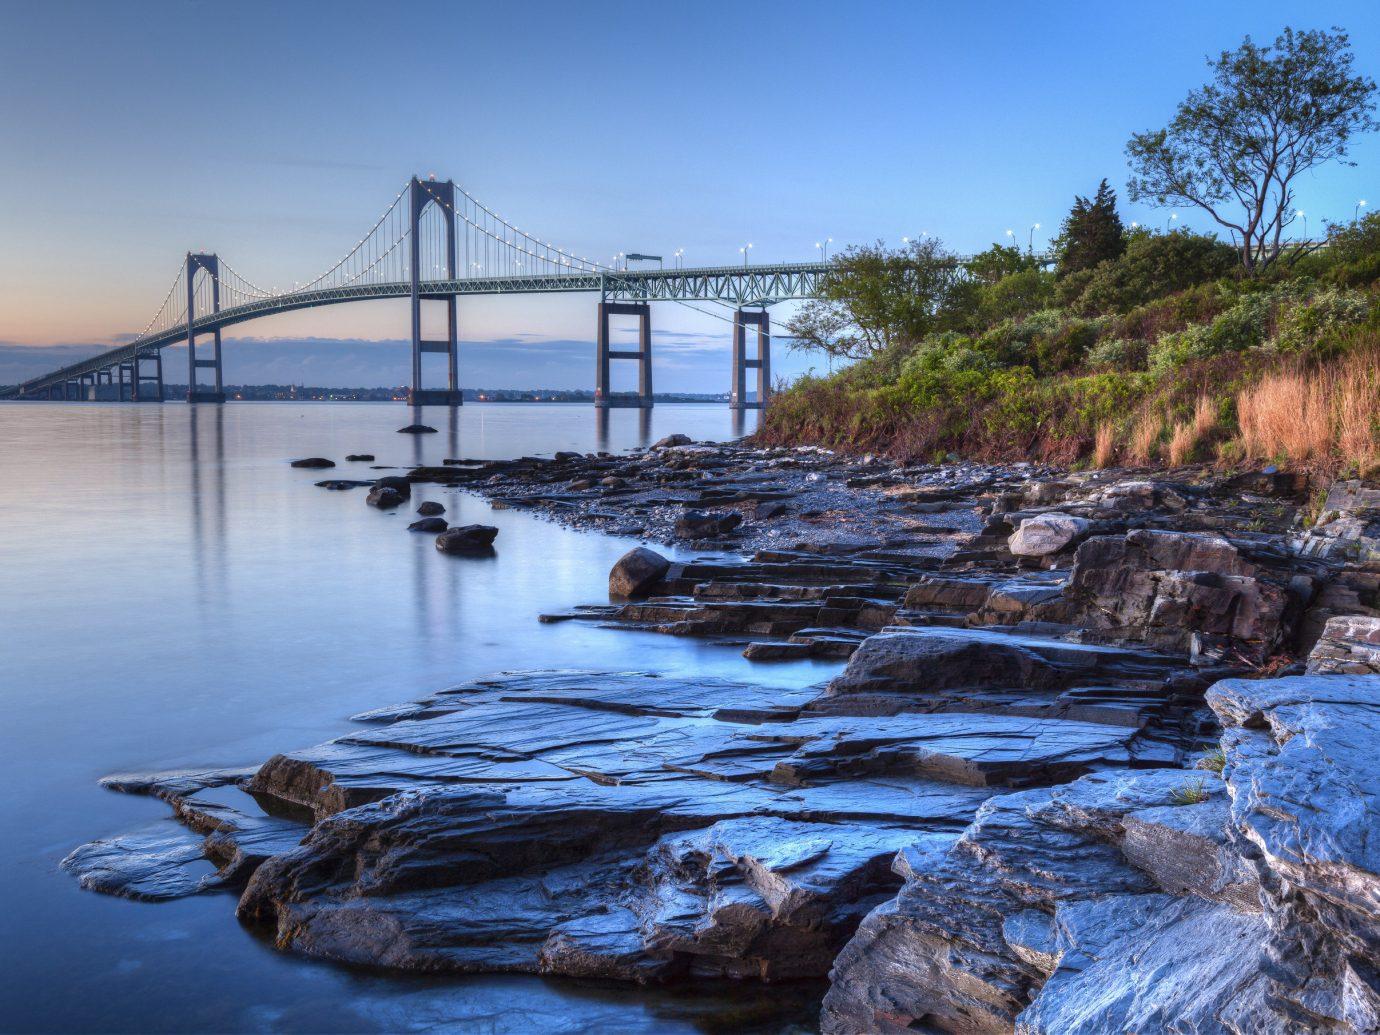 Travel Tips Trip Ideas outdoor sky water rock shore River Sea Coast Ocean bridge reflection wave bay